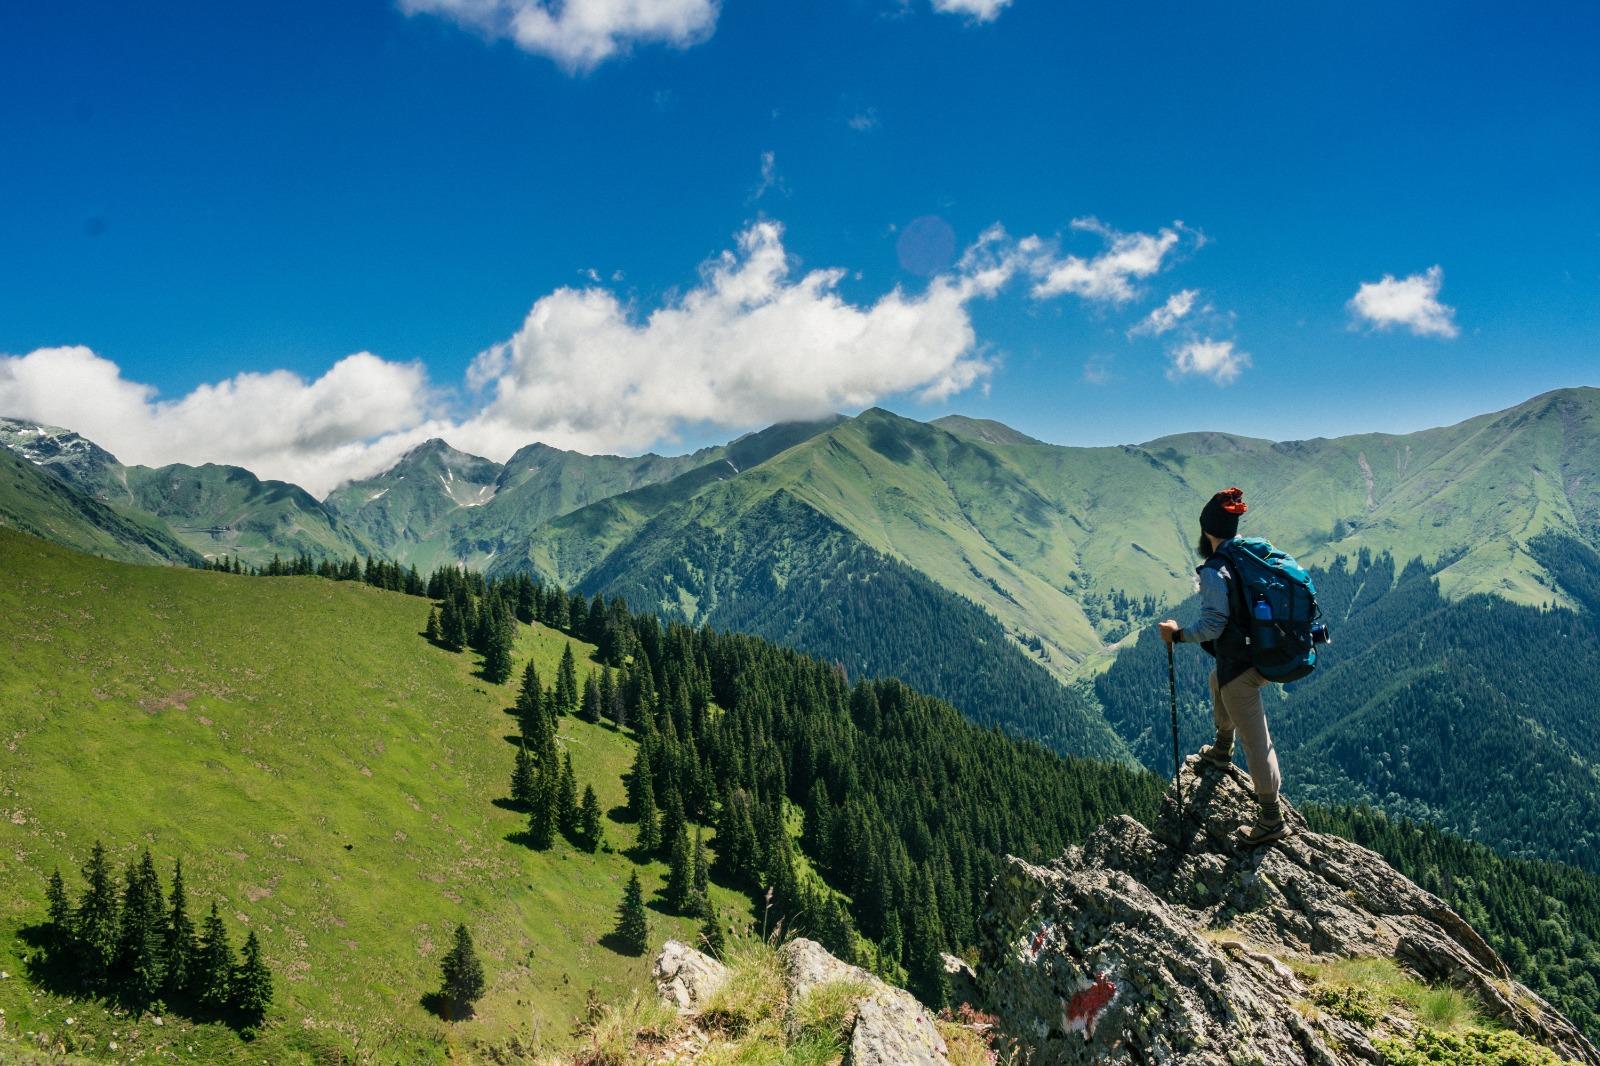 ih-hotels-courmayeur-mont-blanc-esperienza-montagna-resort